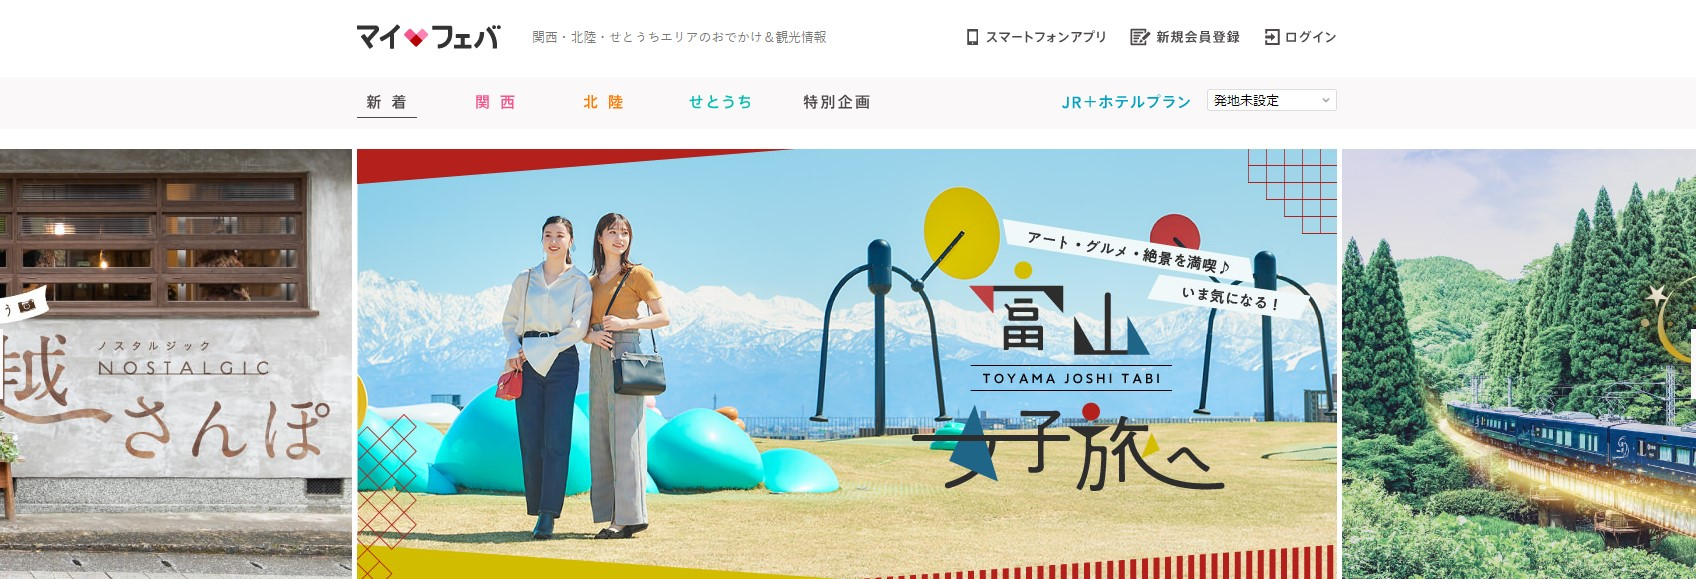 関西・北陸・せとうちエリアのおでかけ&観光情報【マイフェバ】